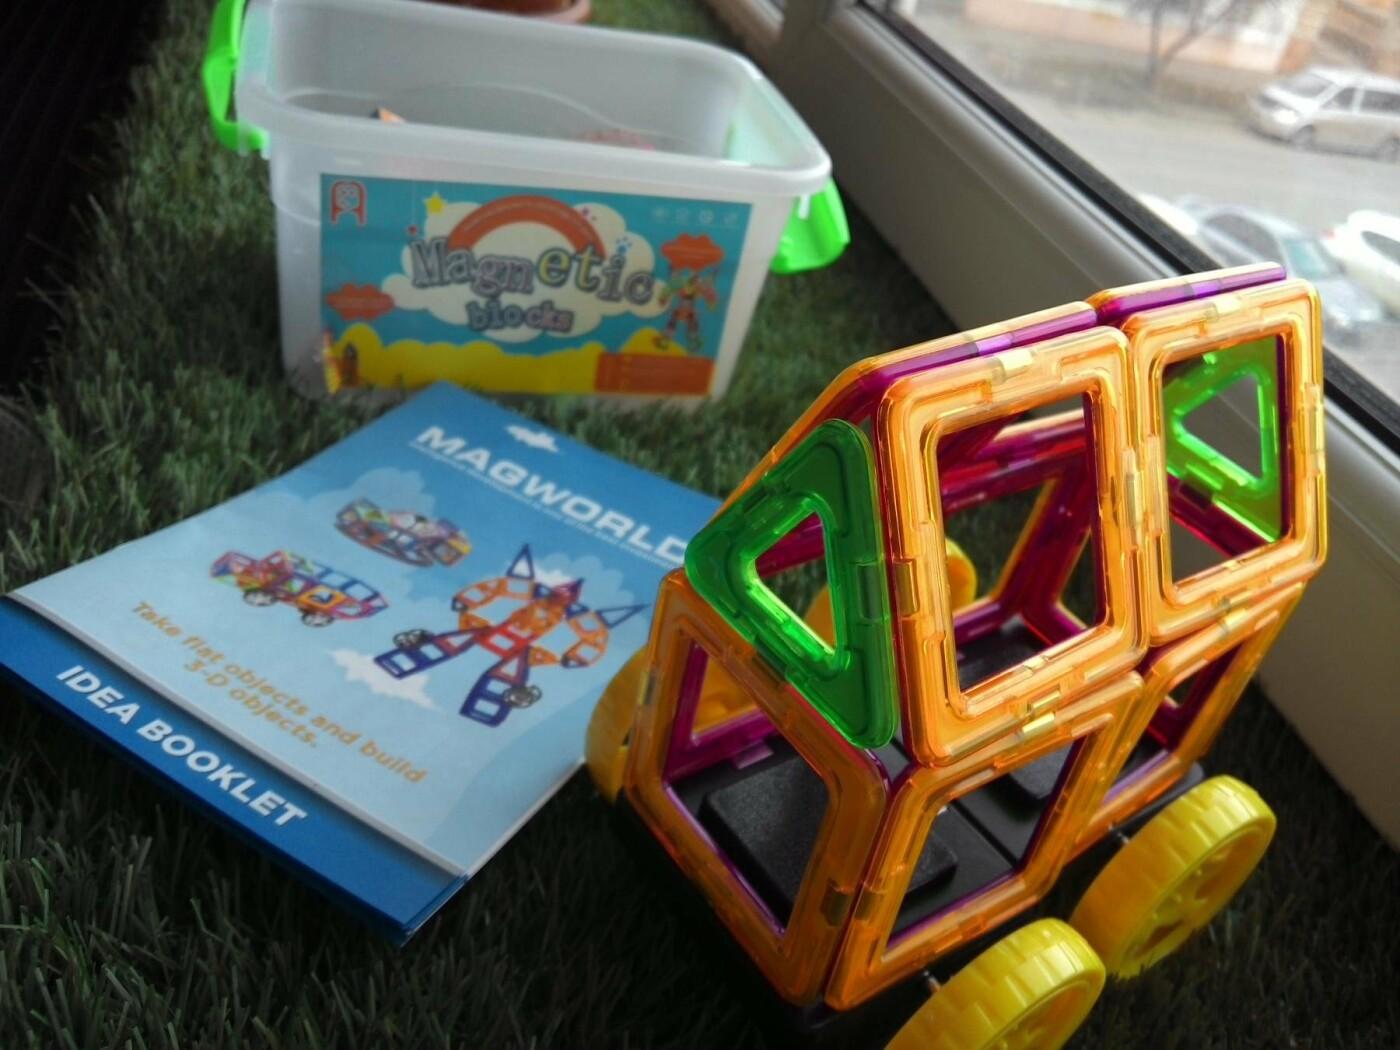 Эта игрушка поможет развиваться ребенку в соответствии с современными тенденциям, фото-1